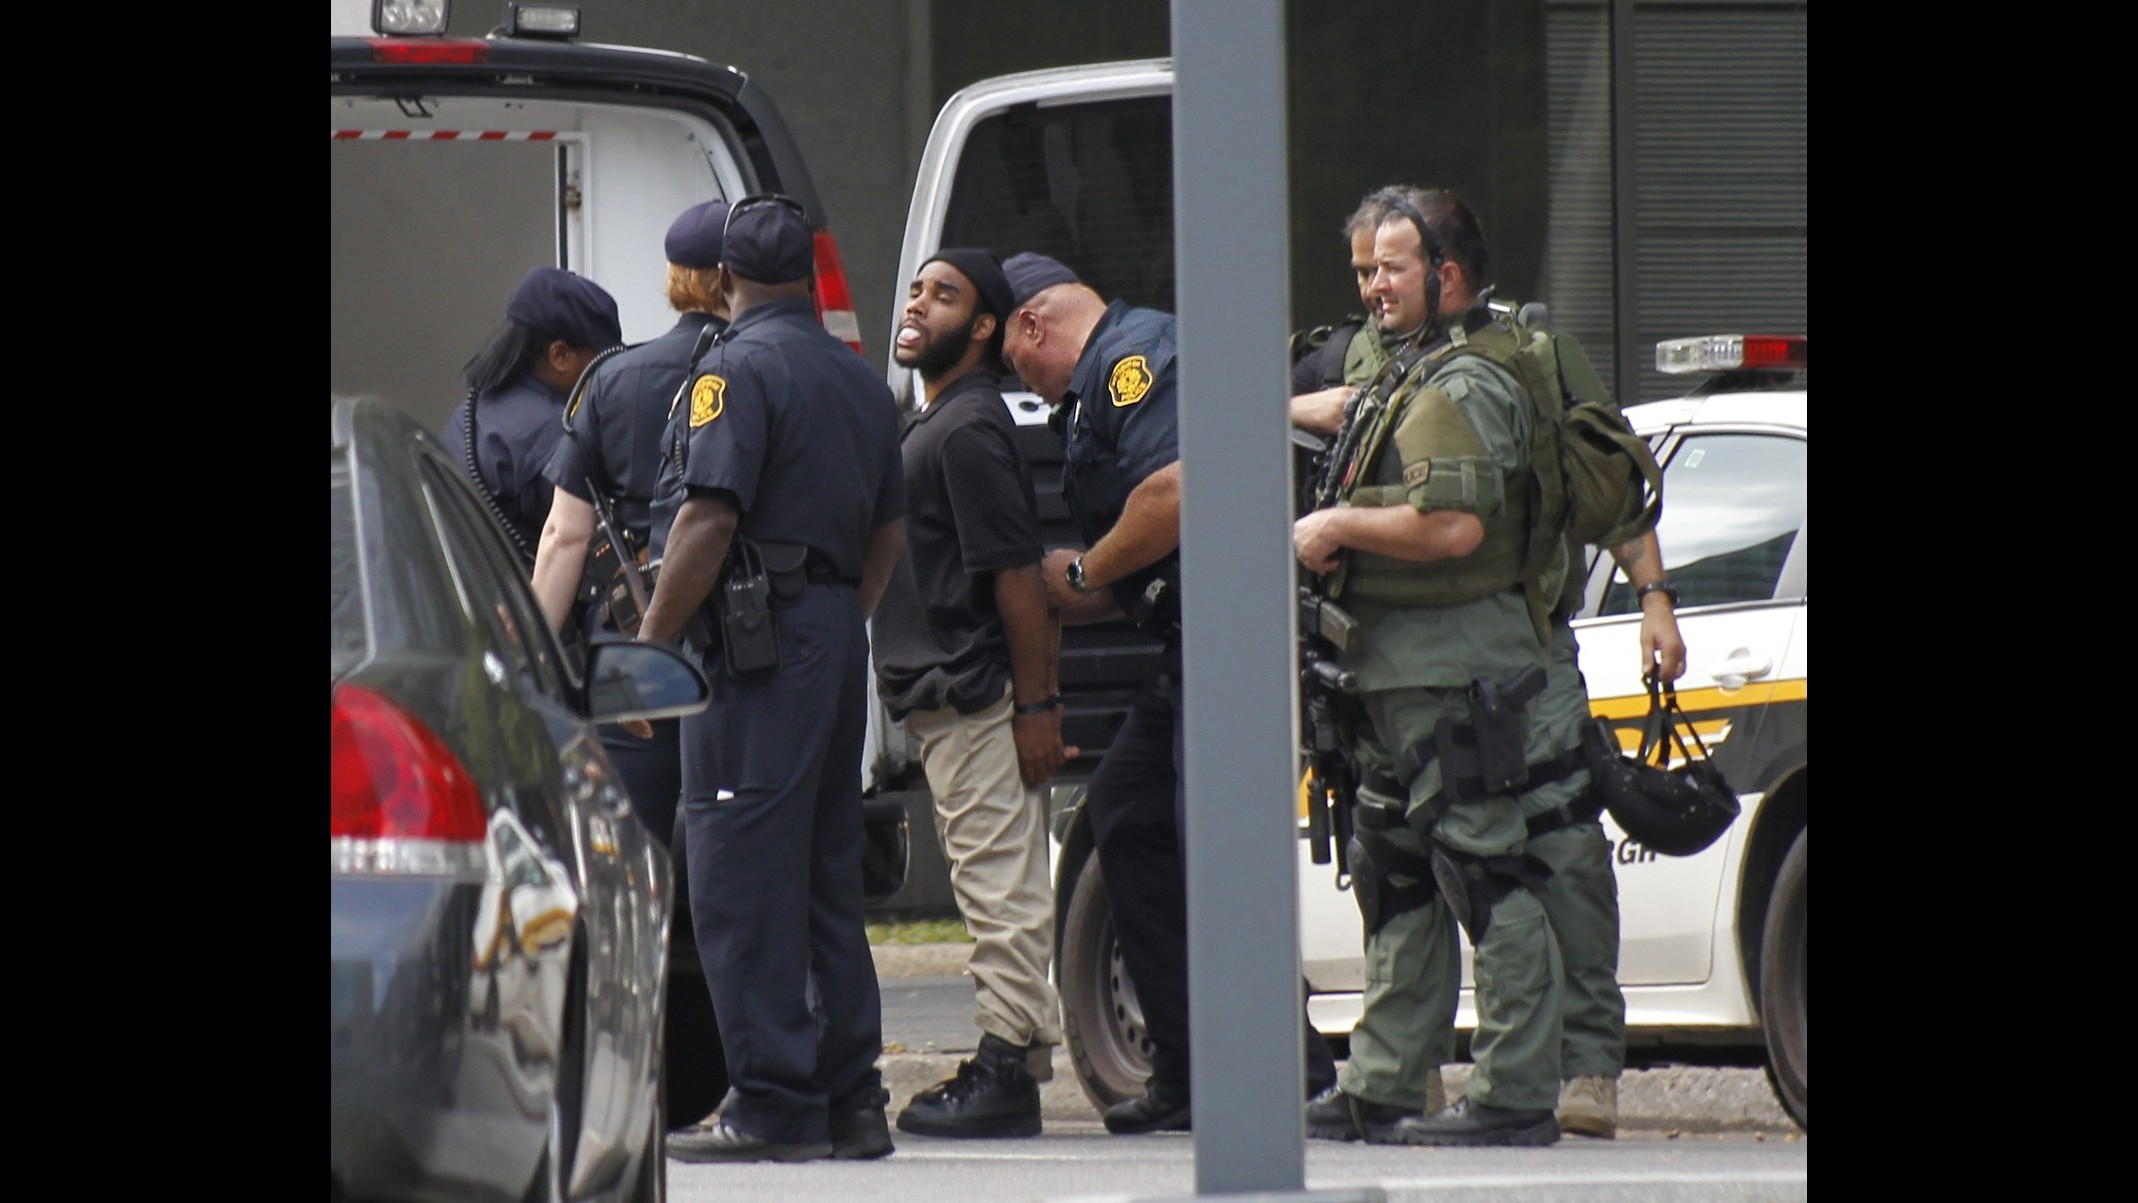 Pittsburgh, prende ostaggio e aggiorna Facebook: si arrende dopo 5 ore